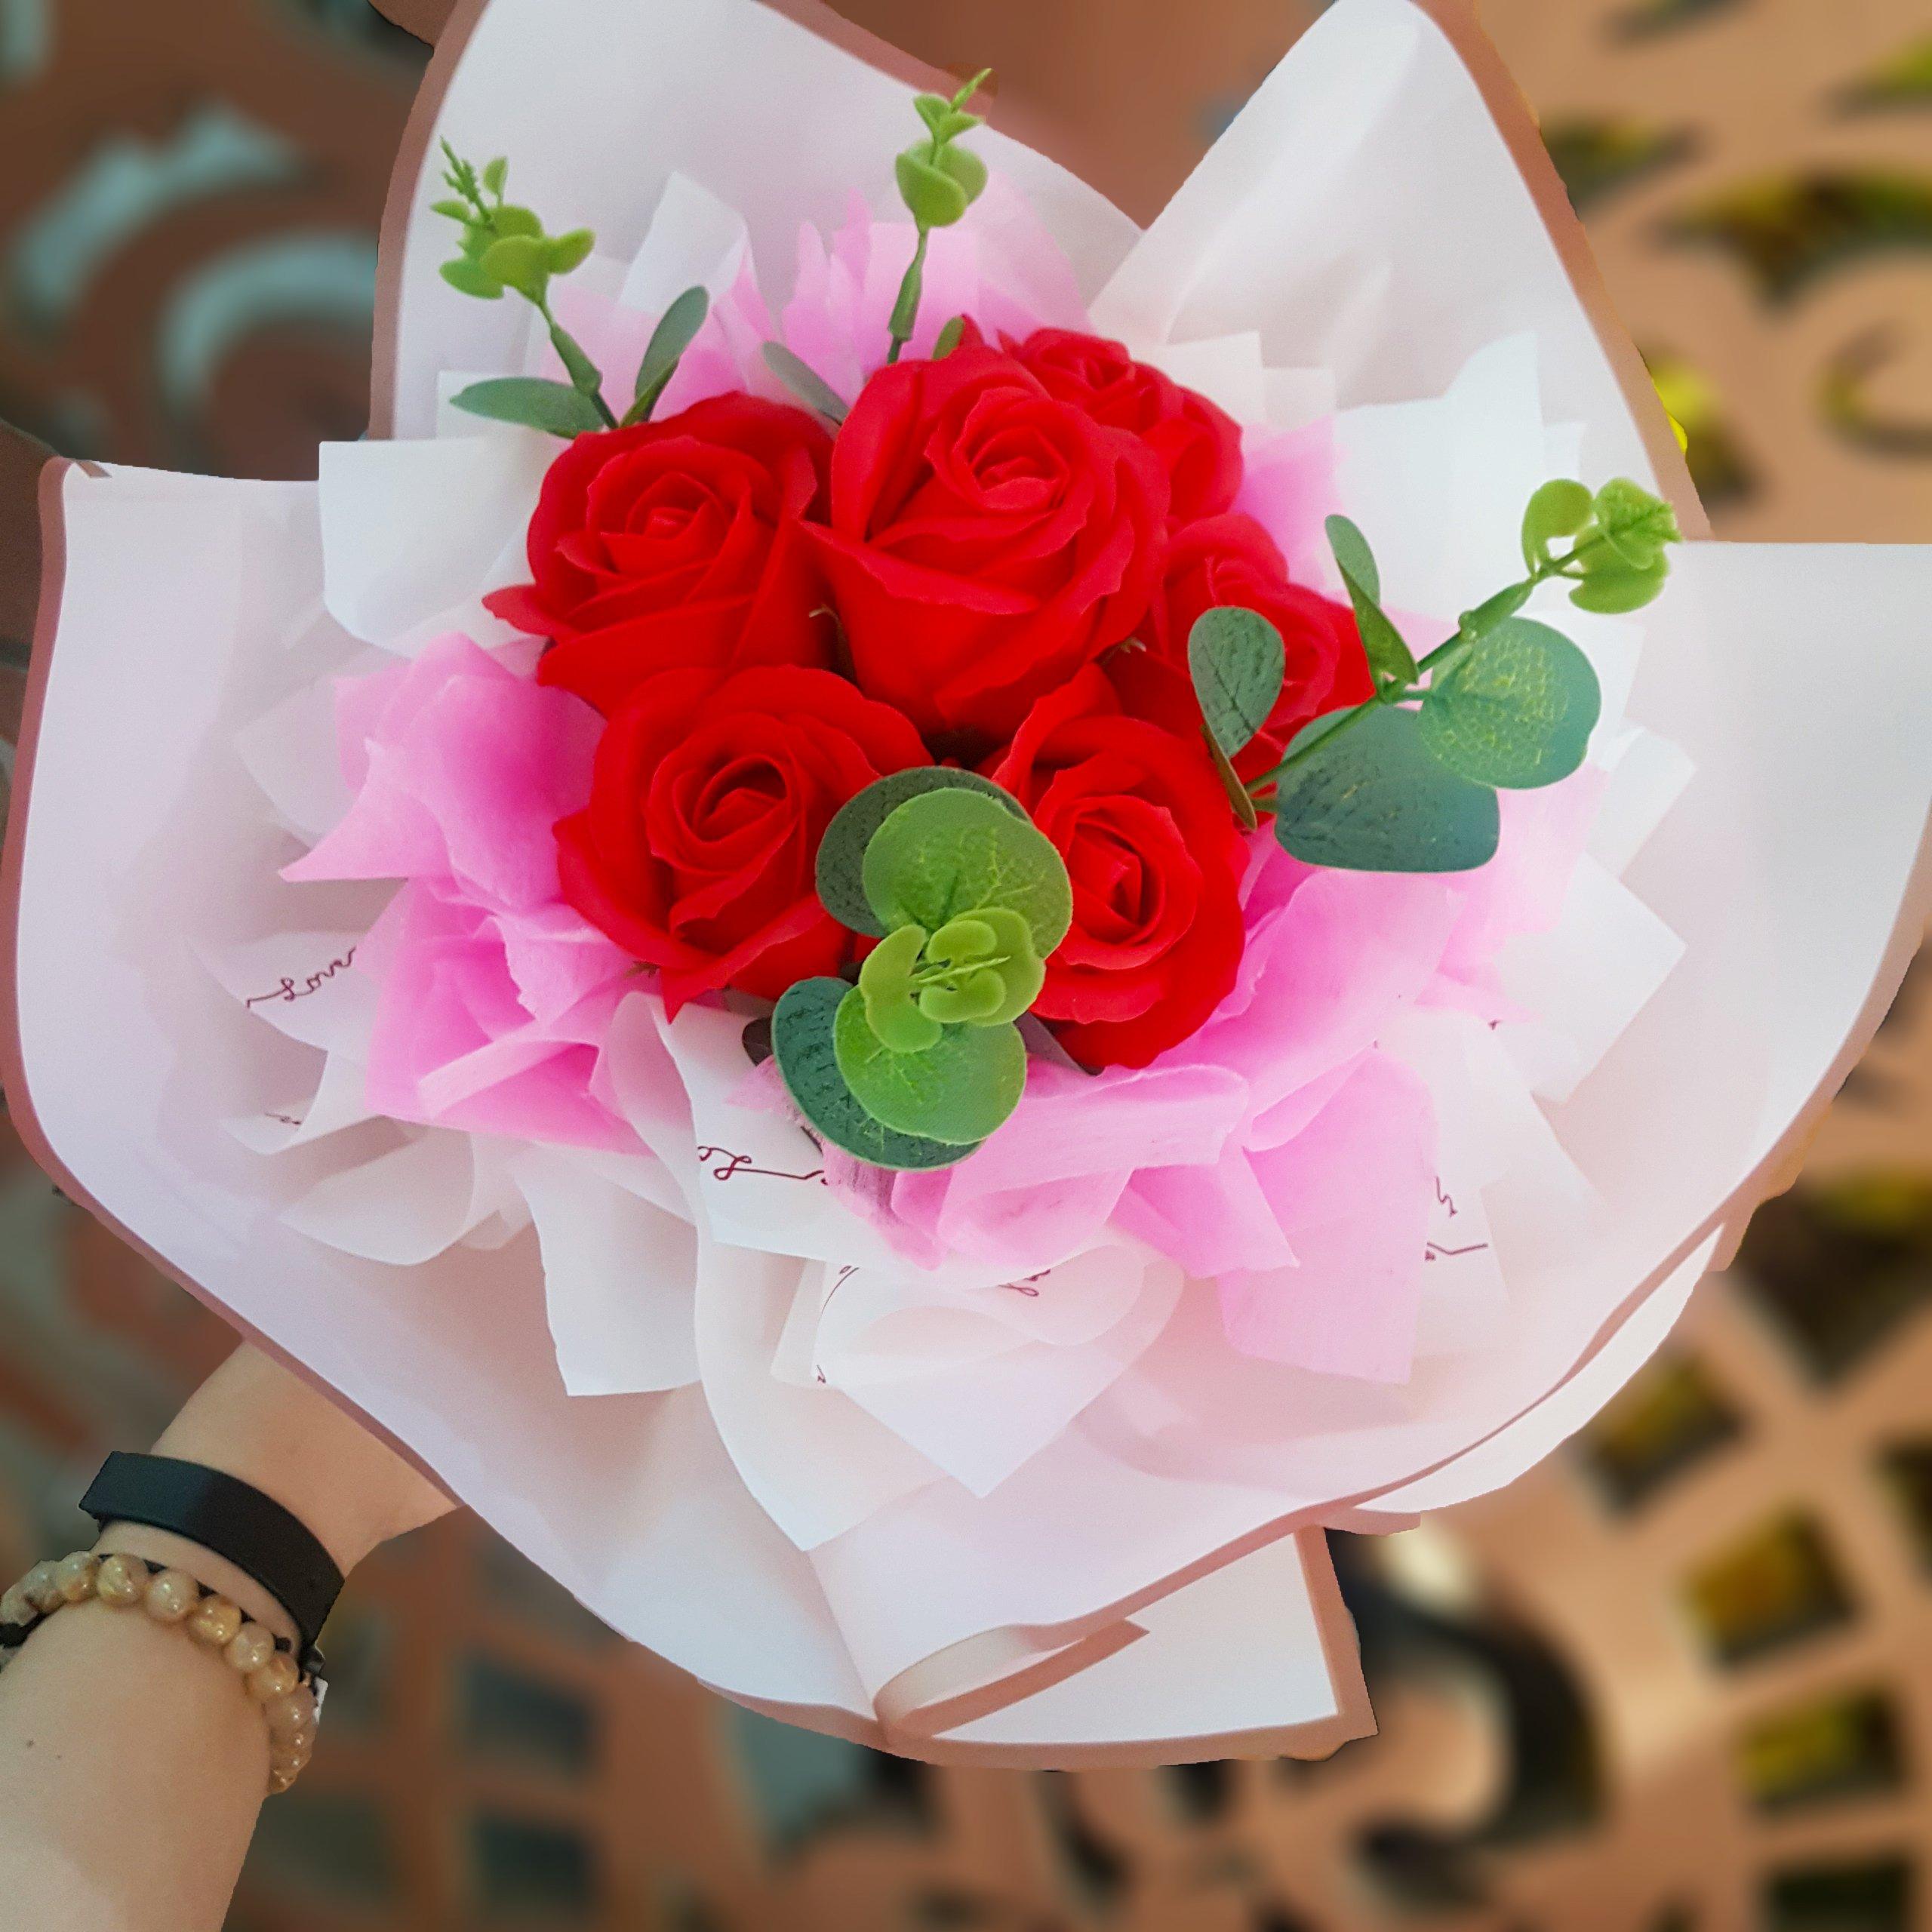 Bó hoa hồng sáp thơm màu đỏ 6 bông - Tặng kèm thiệp xinh xắn H052